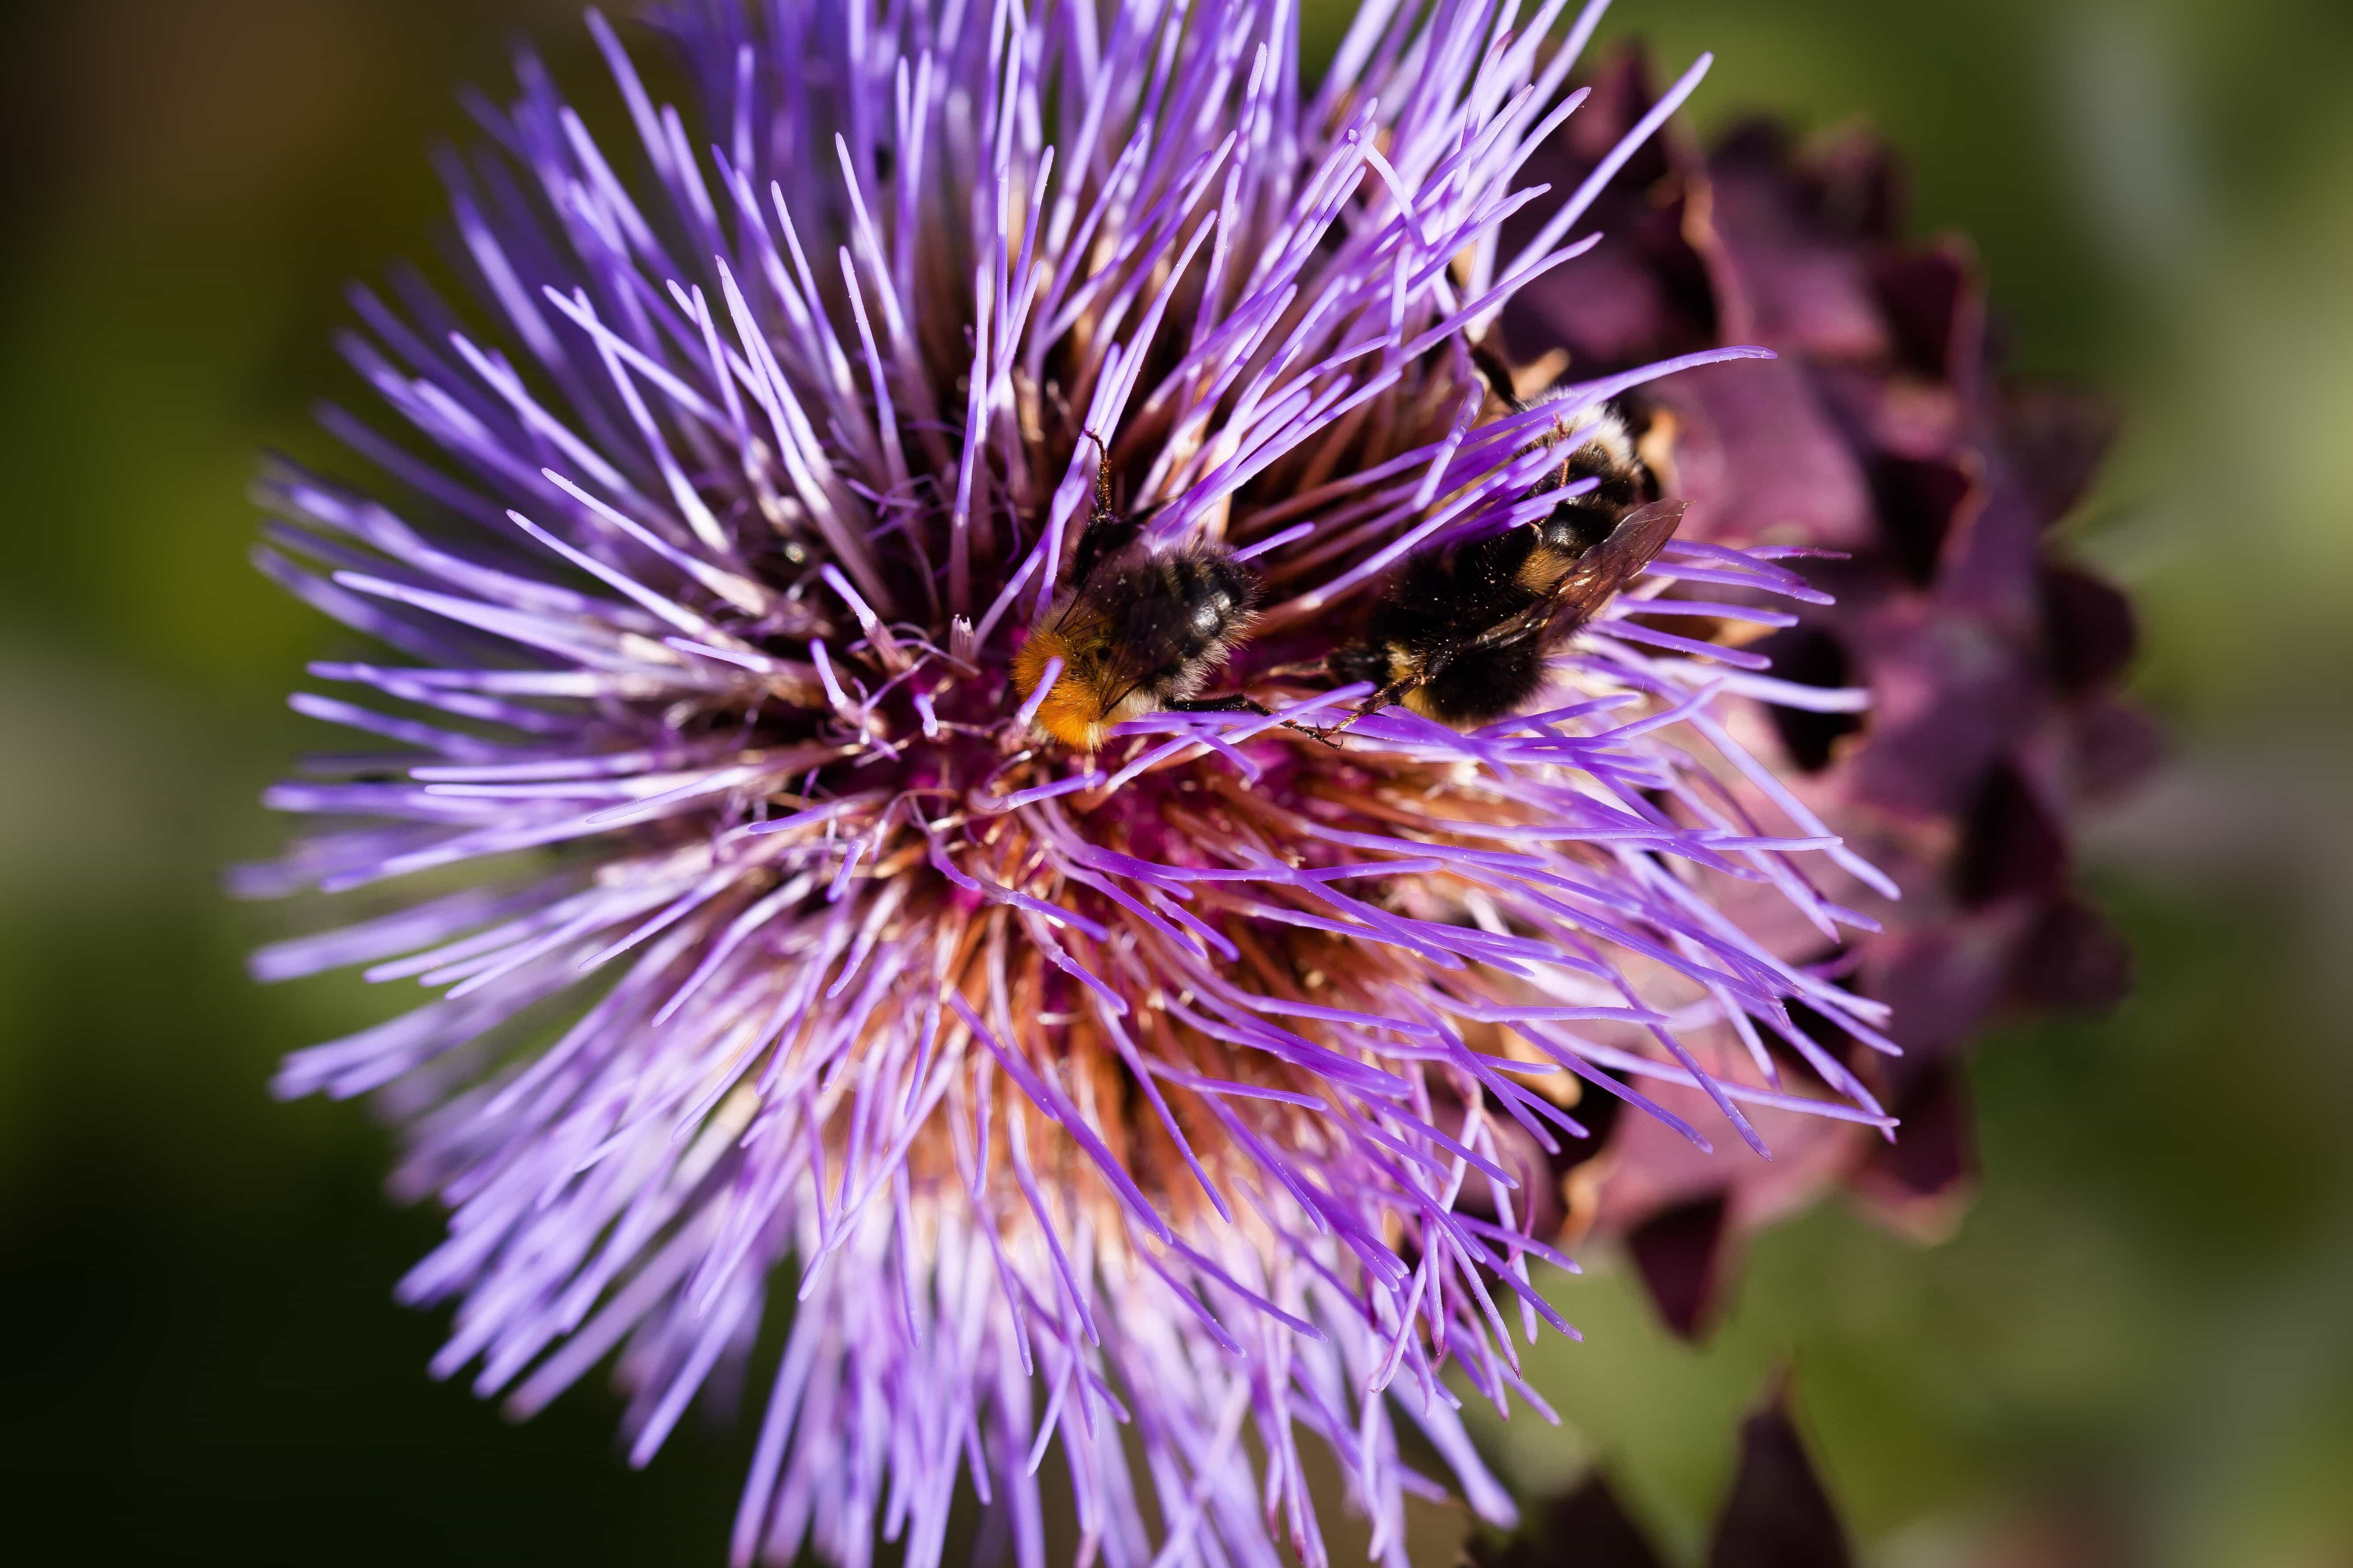 fleur pourpre, nature, jardin, jour, journée, herbe, plante